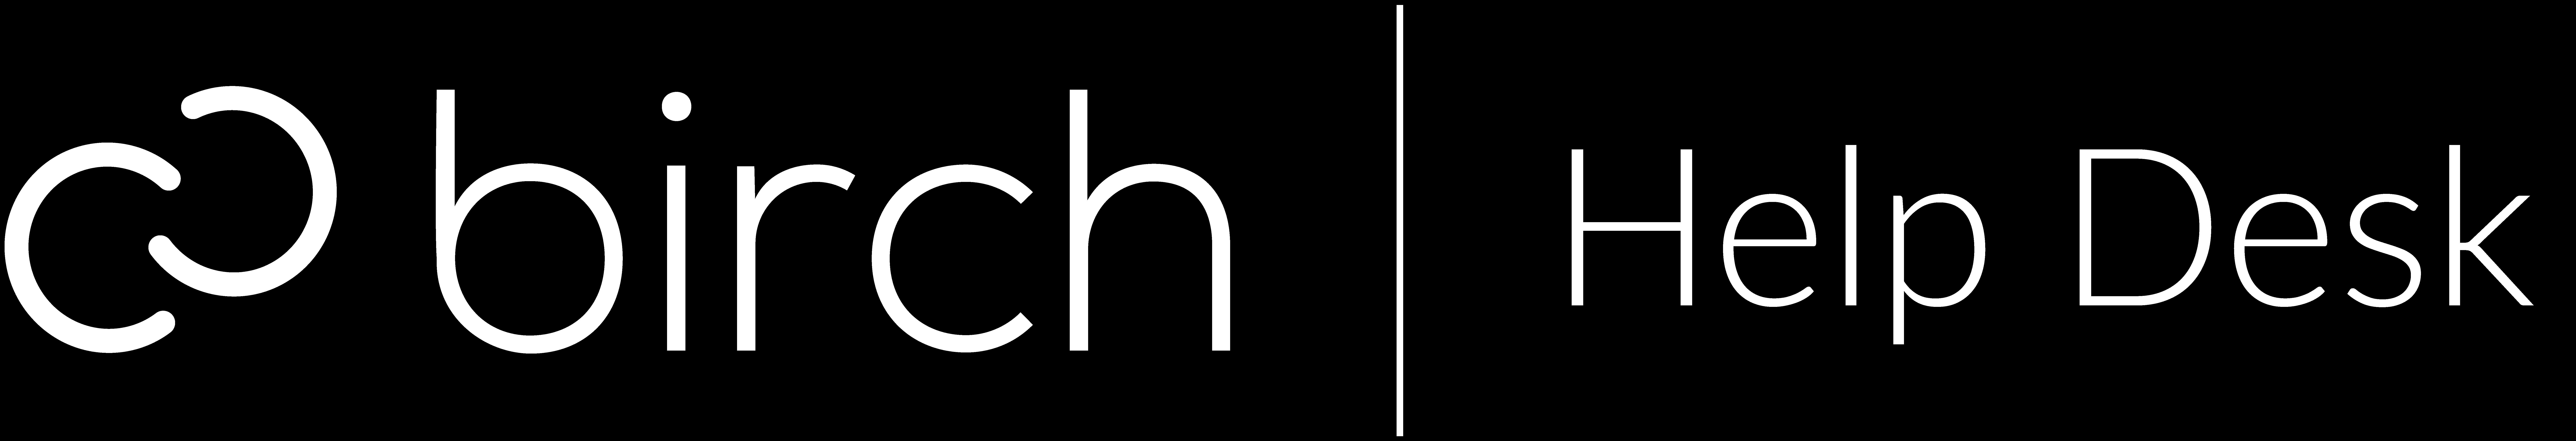 Birch Help Desk